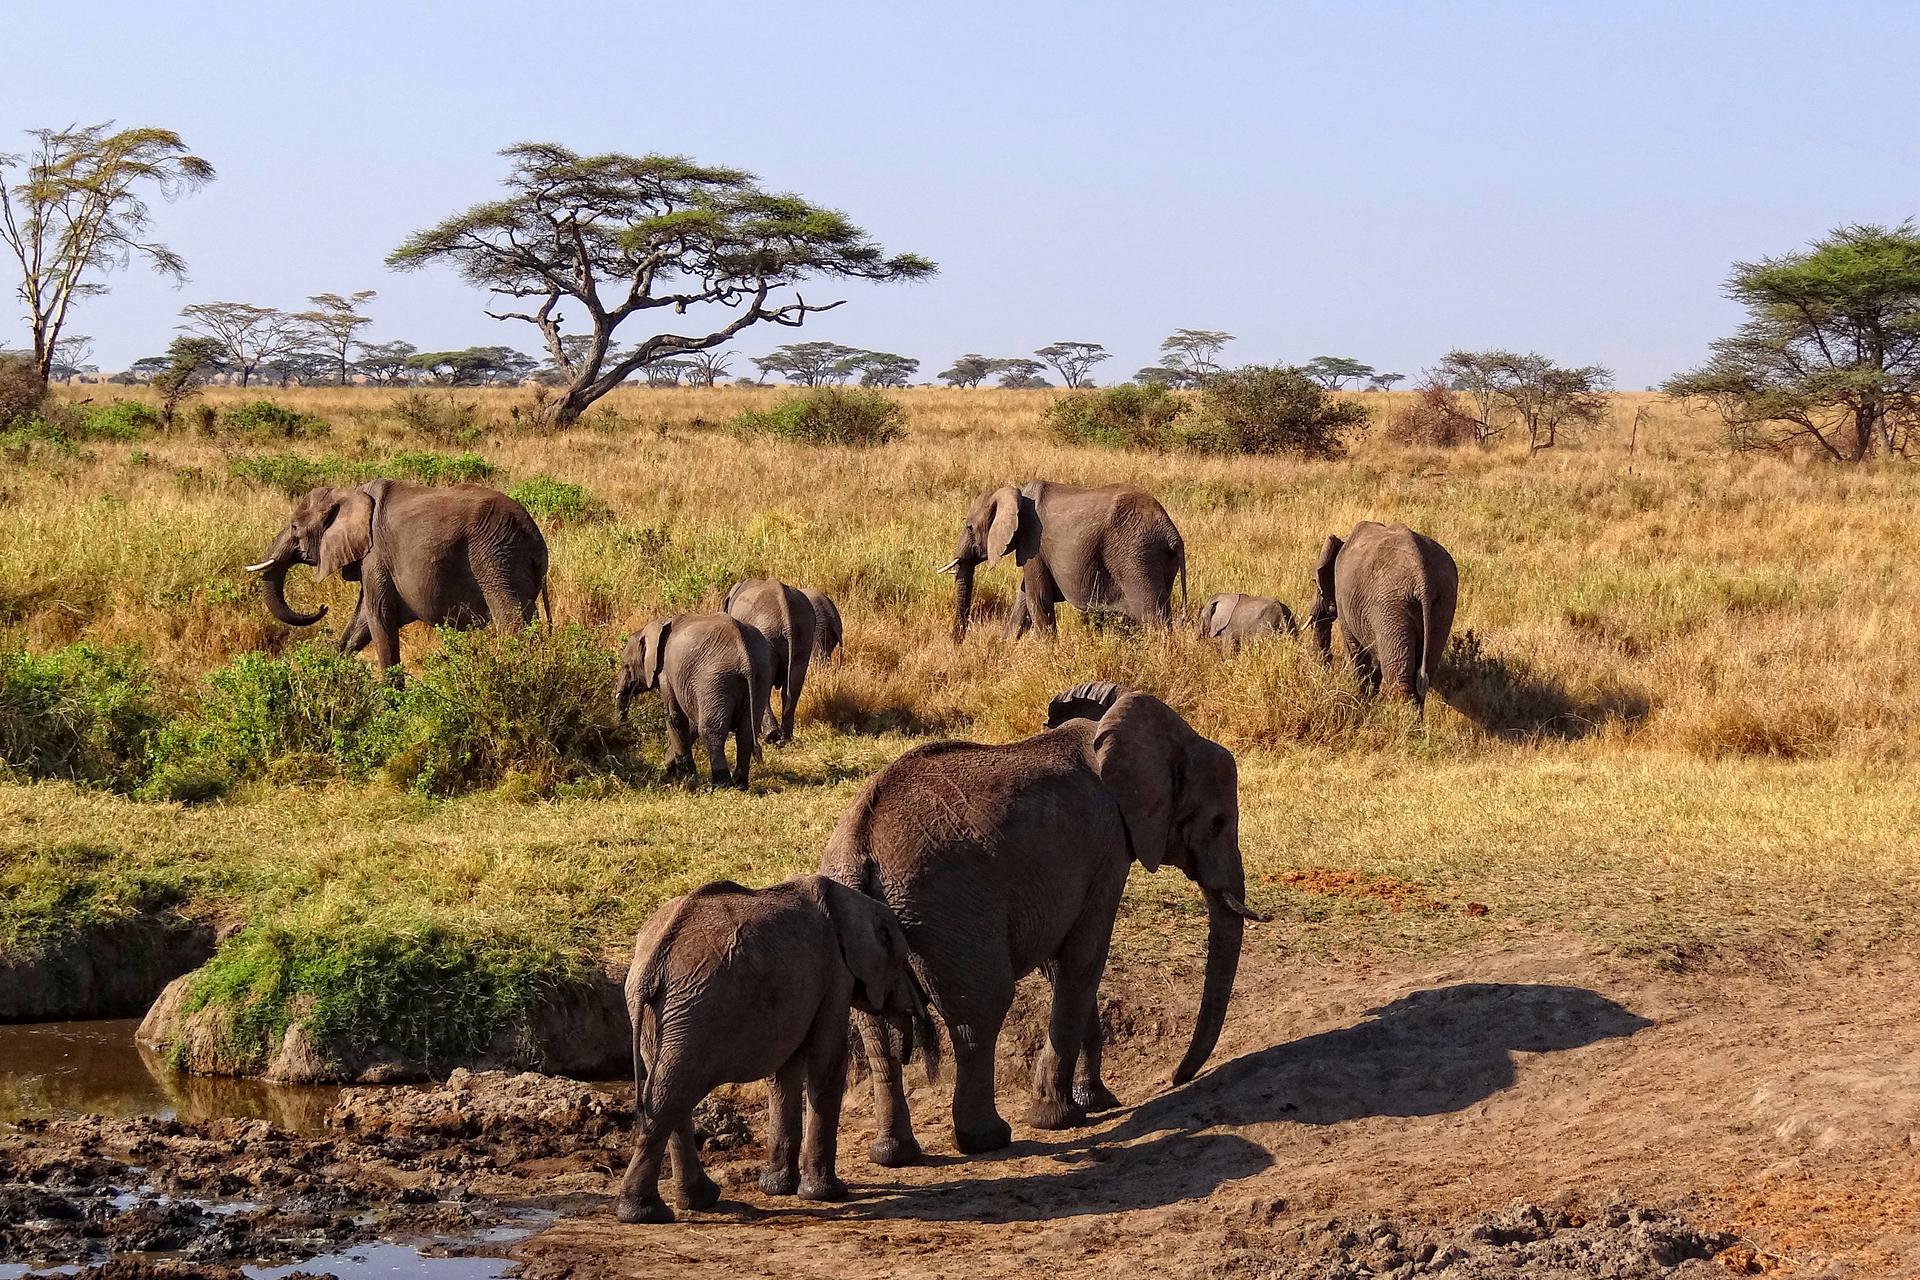 Fotografia prezentuje stado słoni wędrujące po sawannie. Na pierwszym planie słonica zmłodym słoniem odchodzi od wody. Woddali trzy inne słonice zmłodymi idące na tle parasolowatych akcji.